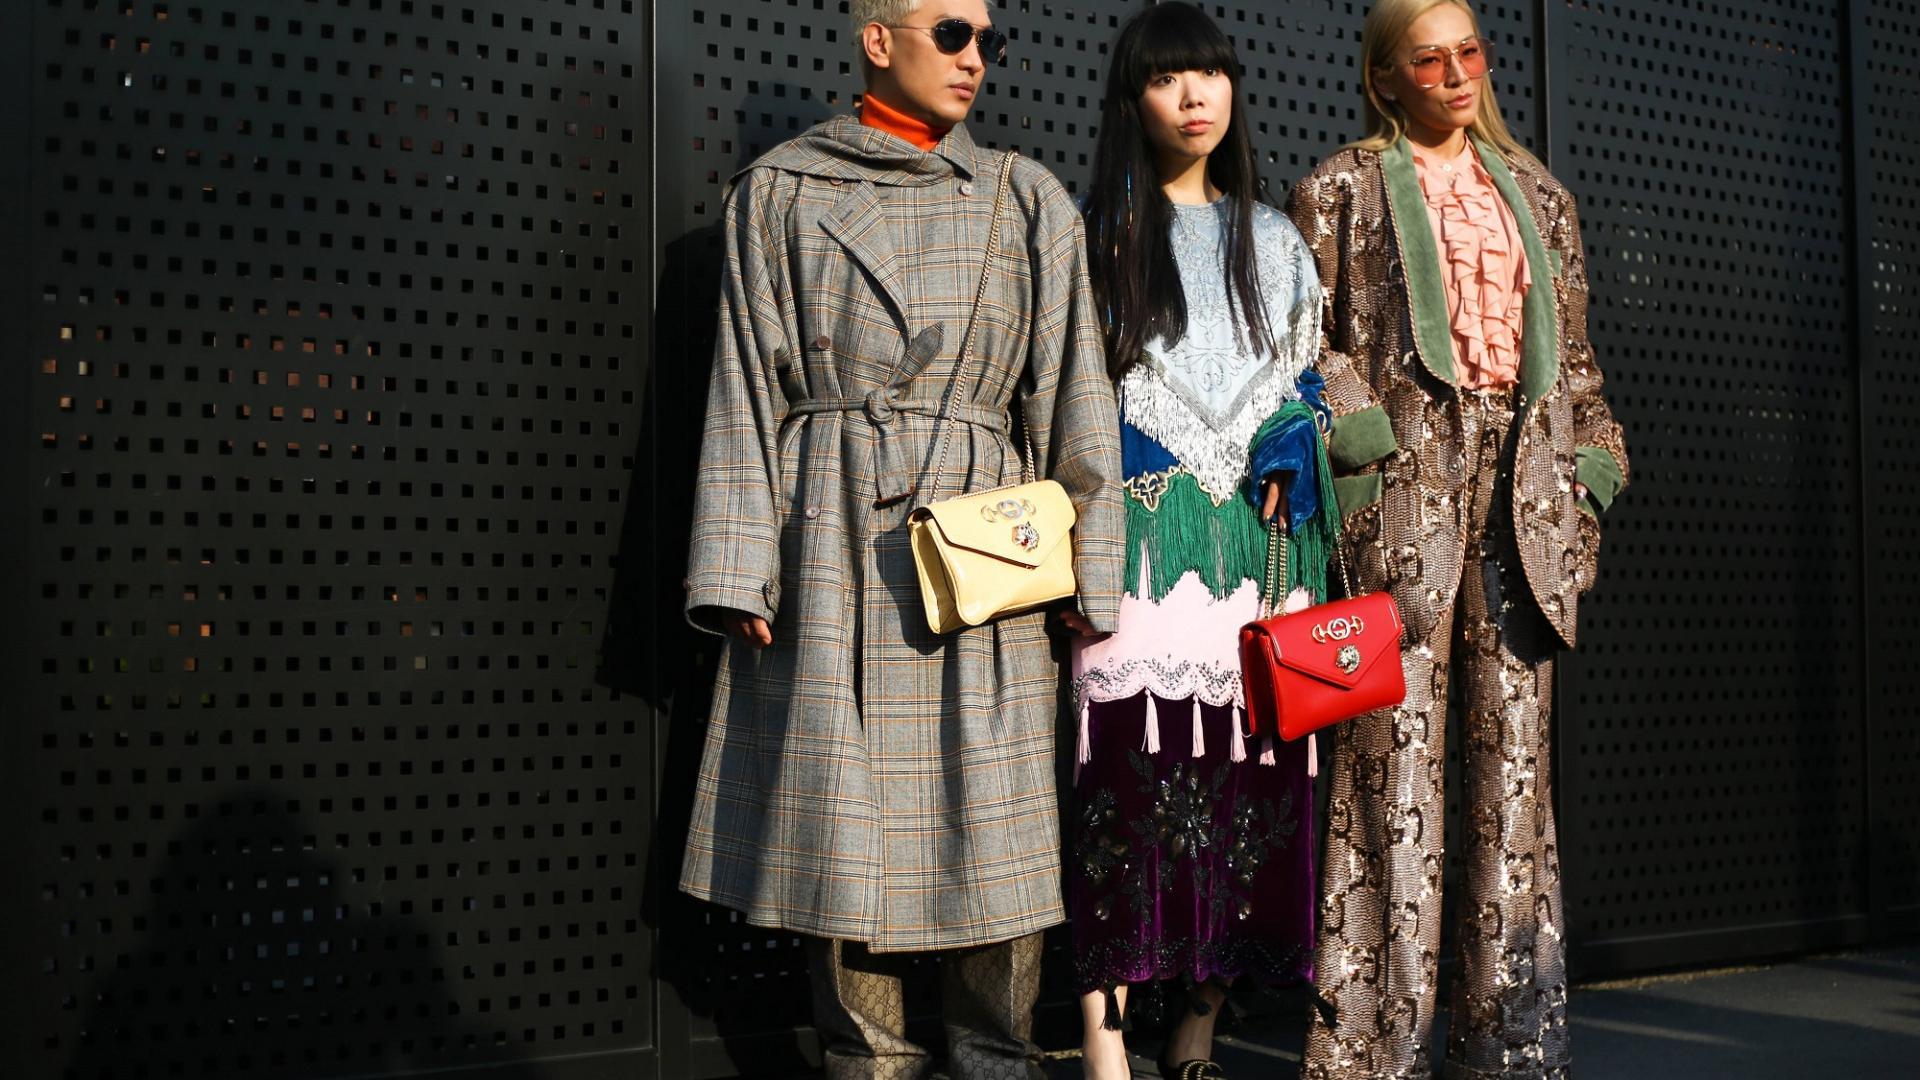 Gucci taschen gen z Milan fashion week